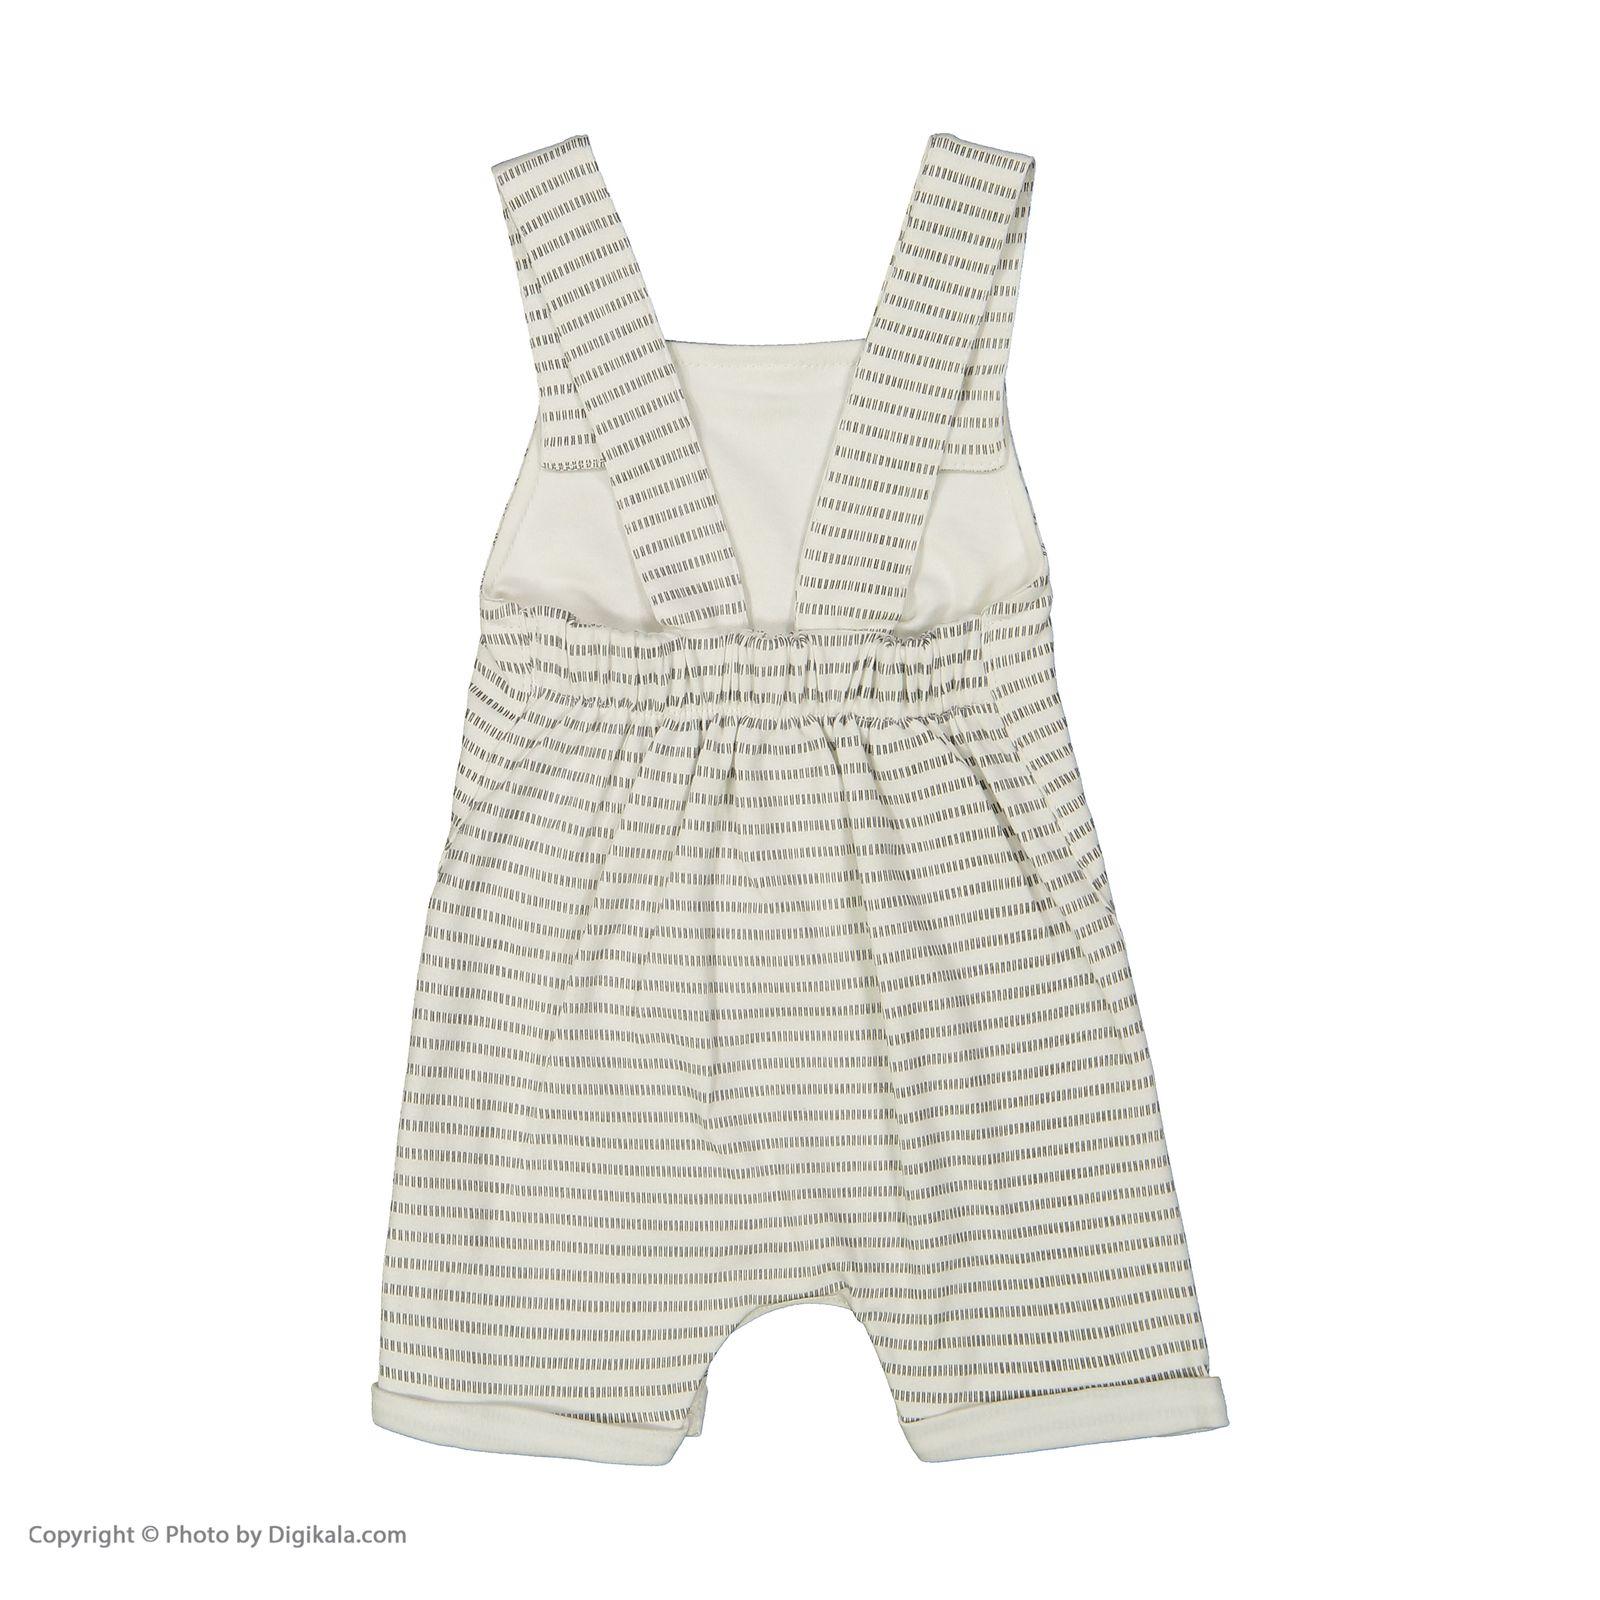 ست سرهمی و تی شرت نوزادی بی بی ناز مدل 1501492-0193 - سفید طوسی - 8